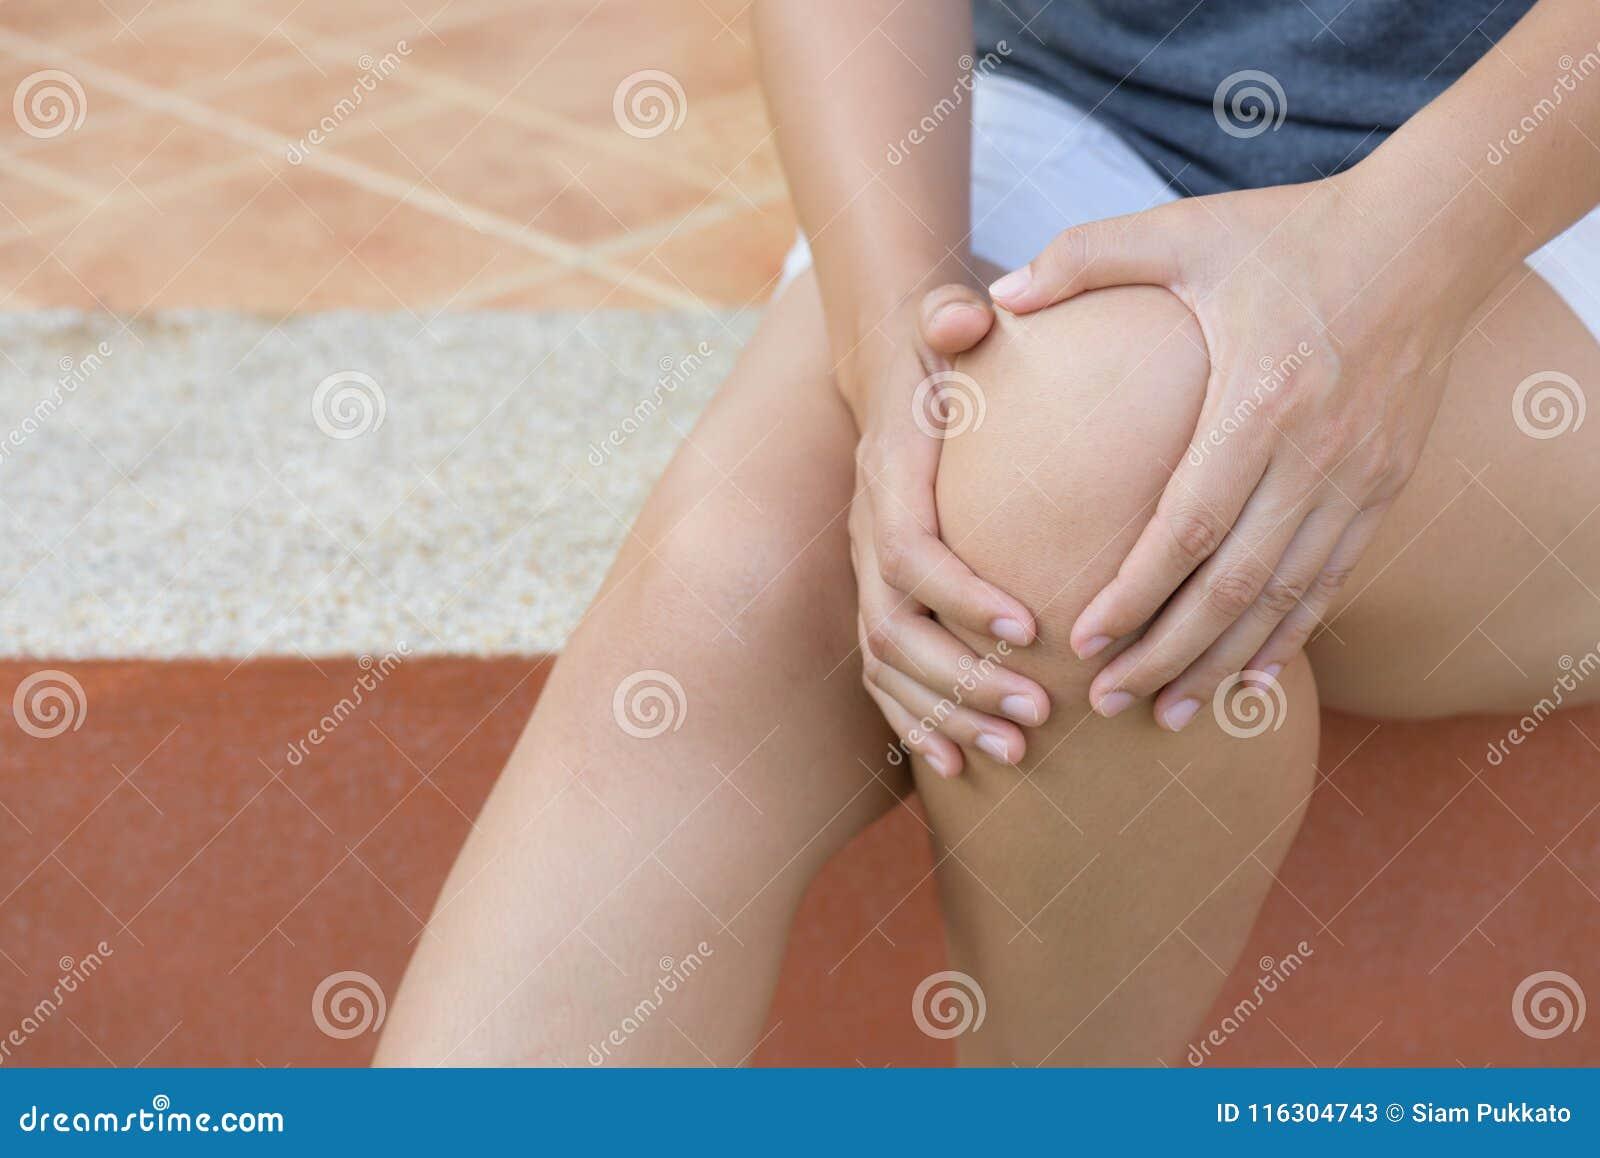 Zbliżenie młodej kobiety uczucia ból w jej kolanie w domu